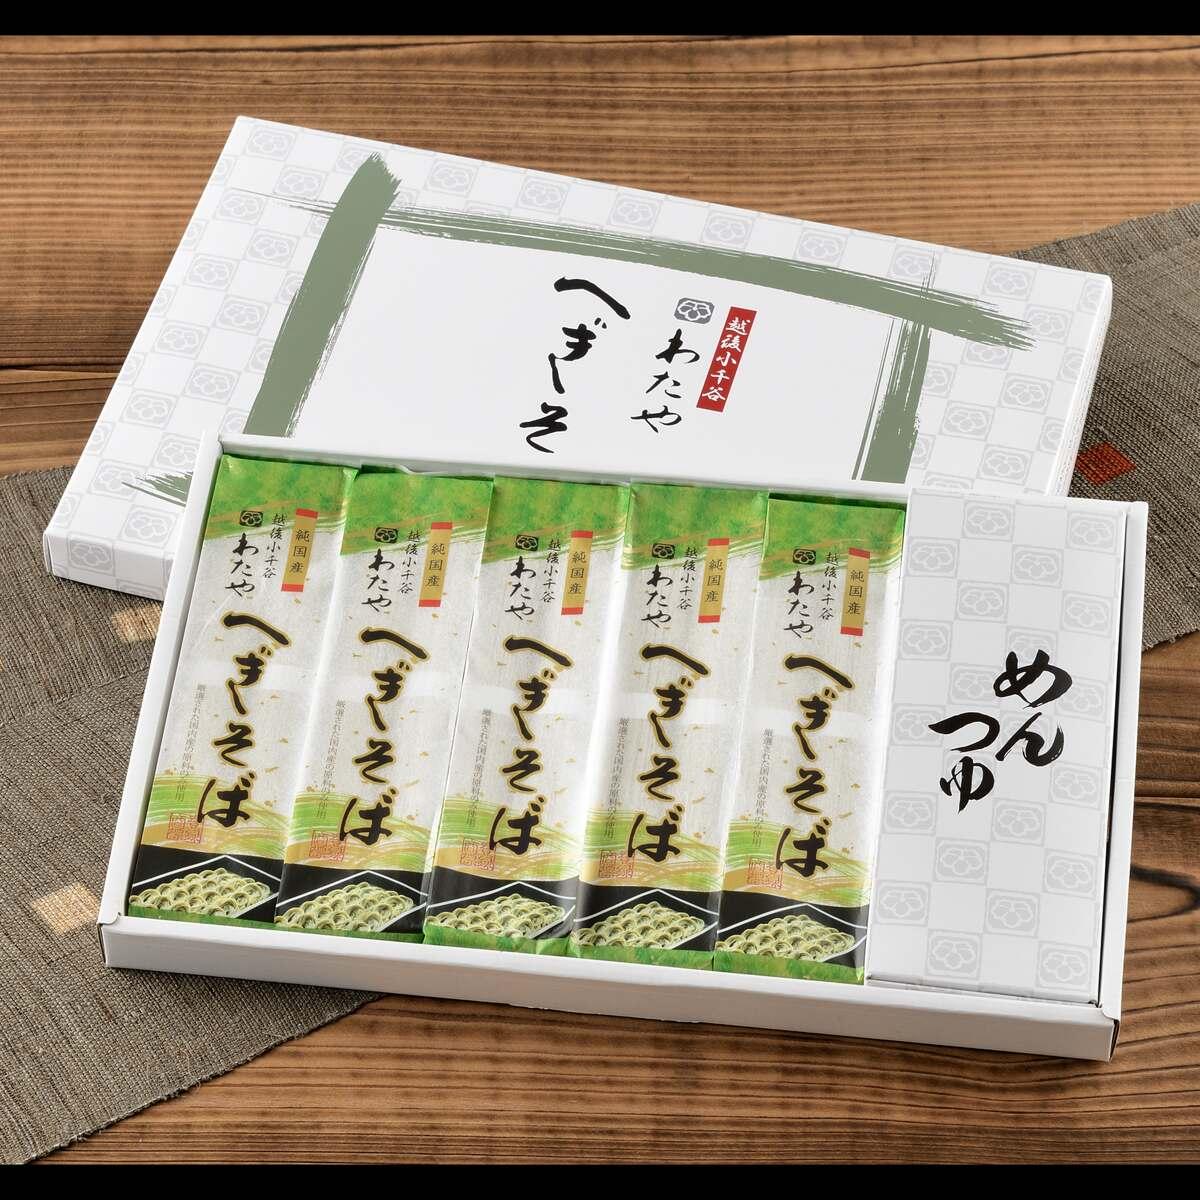 【送料無料】新潟名物 越後わたや 乾麺純国産セット へぎそば 200g×5袋 つゆ付 KS-5T 【メーカー直送・代引不可】